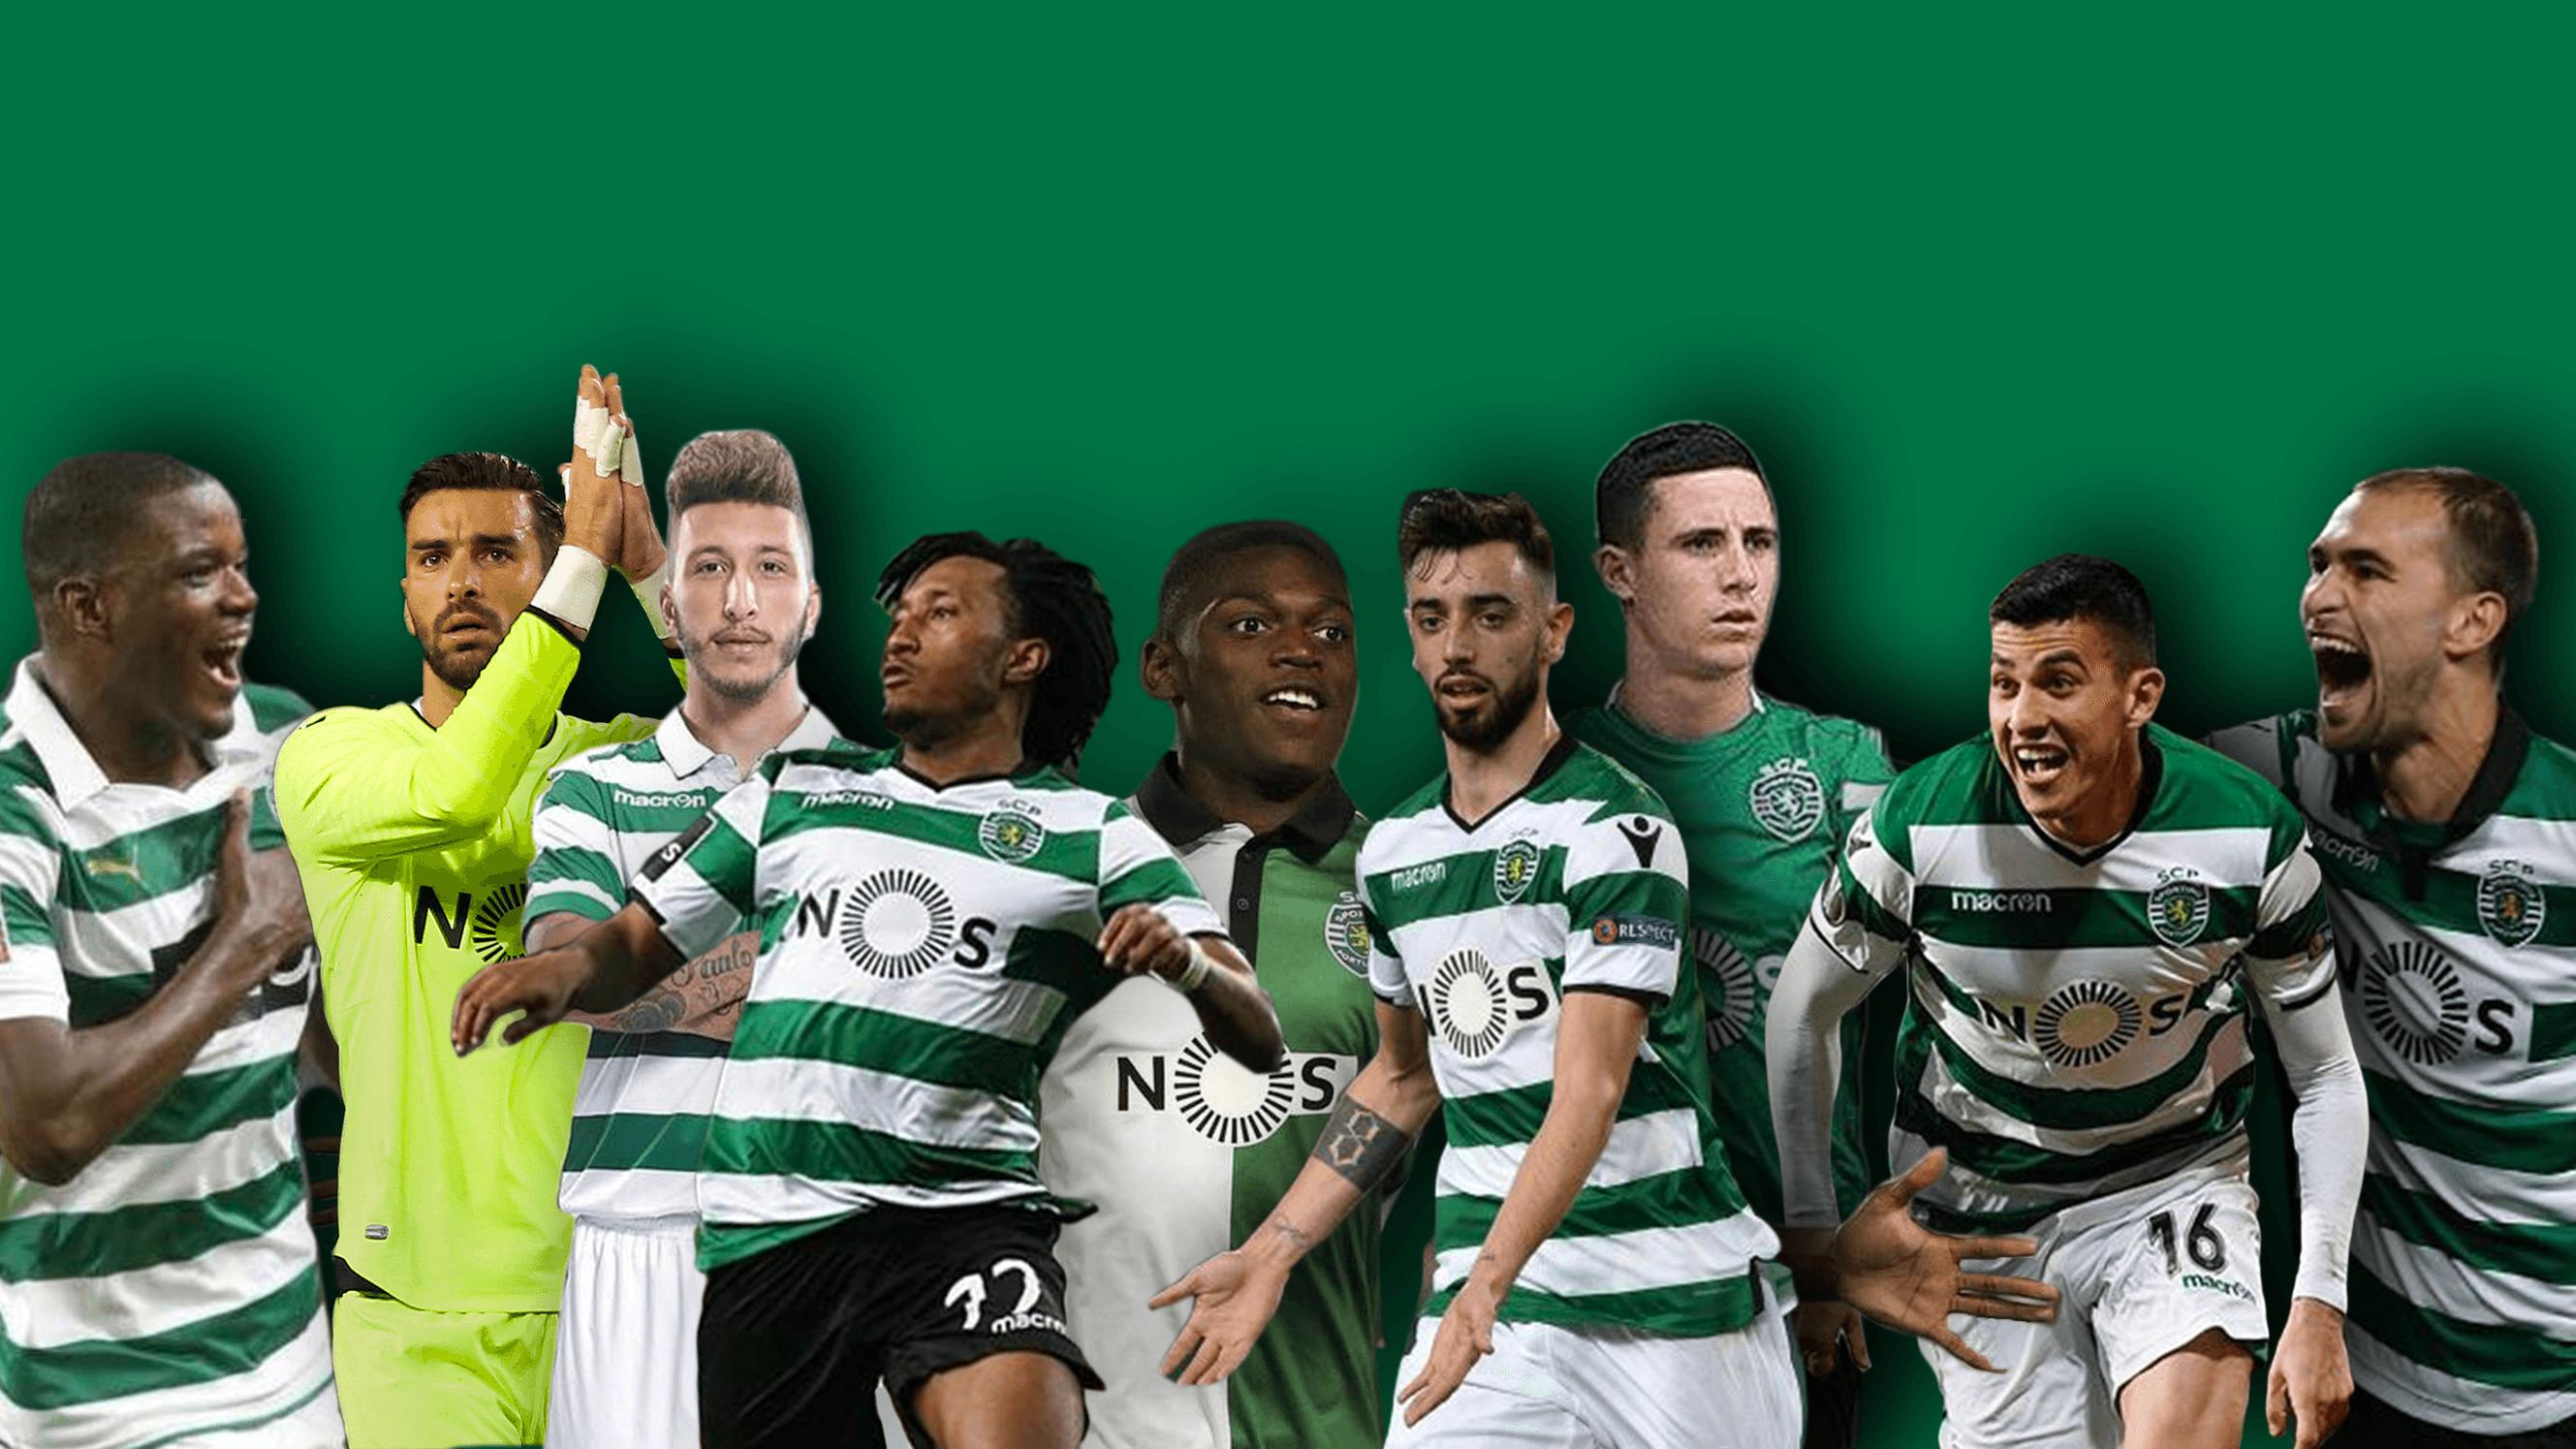 Clubes que contratem jogadores podem ter de indemnizar Sporting?